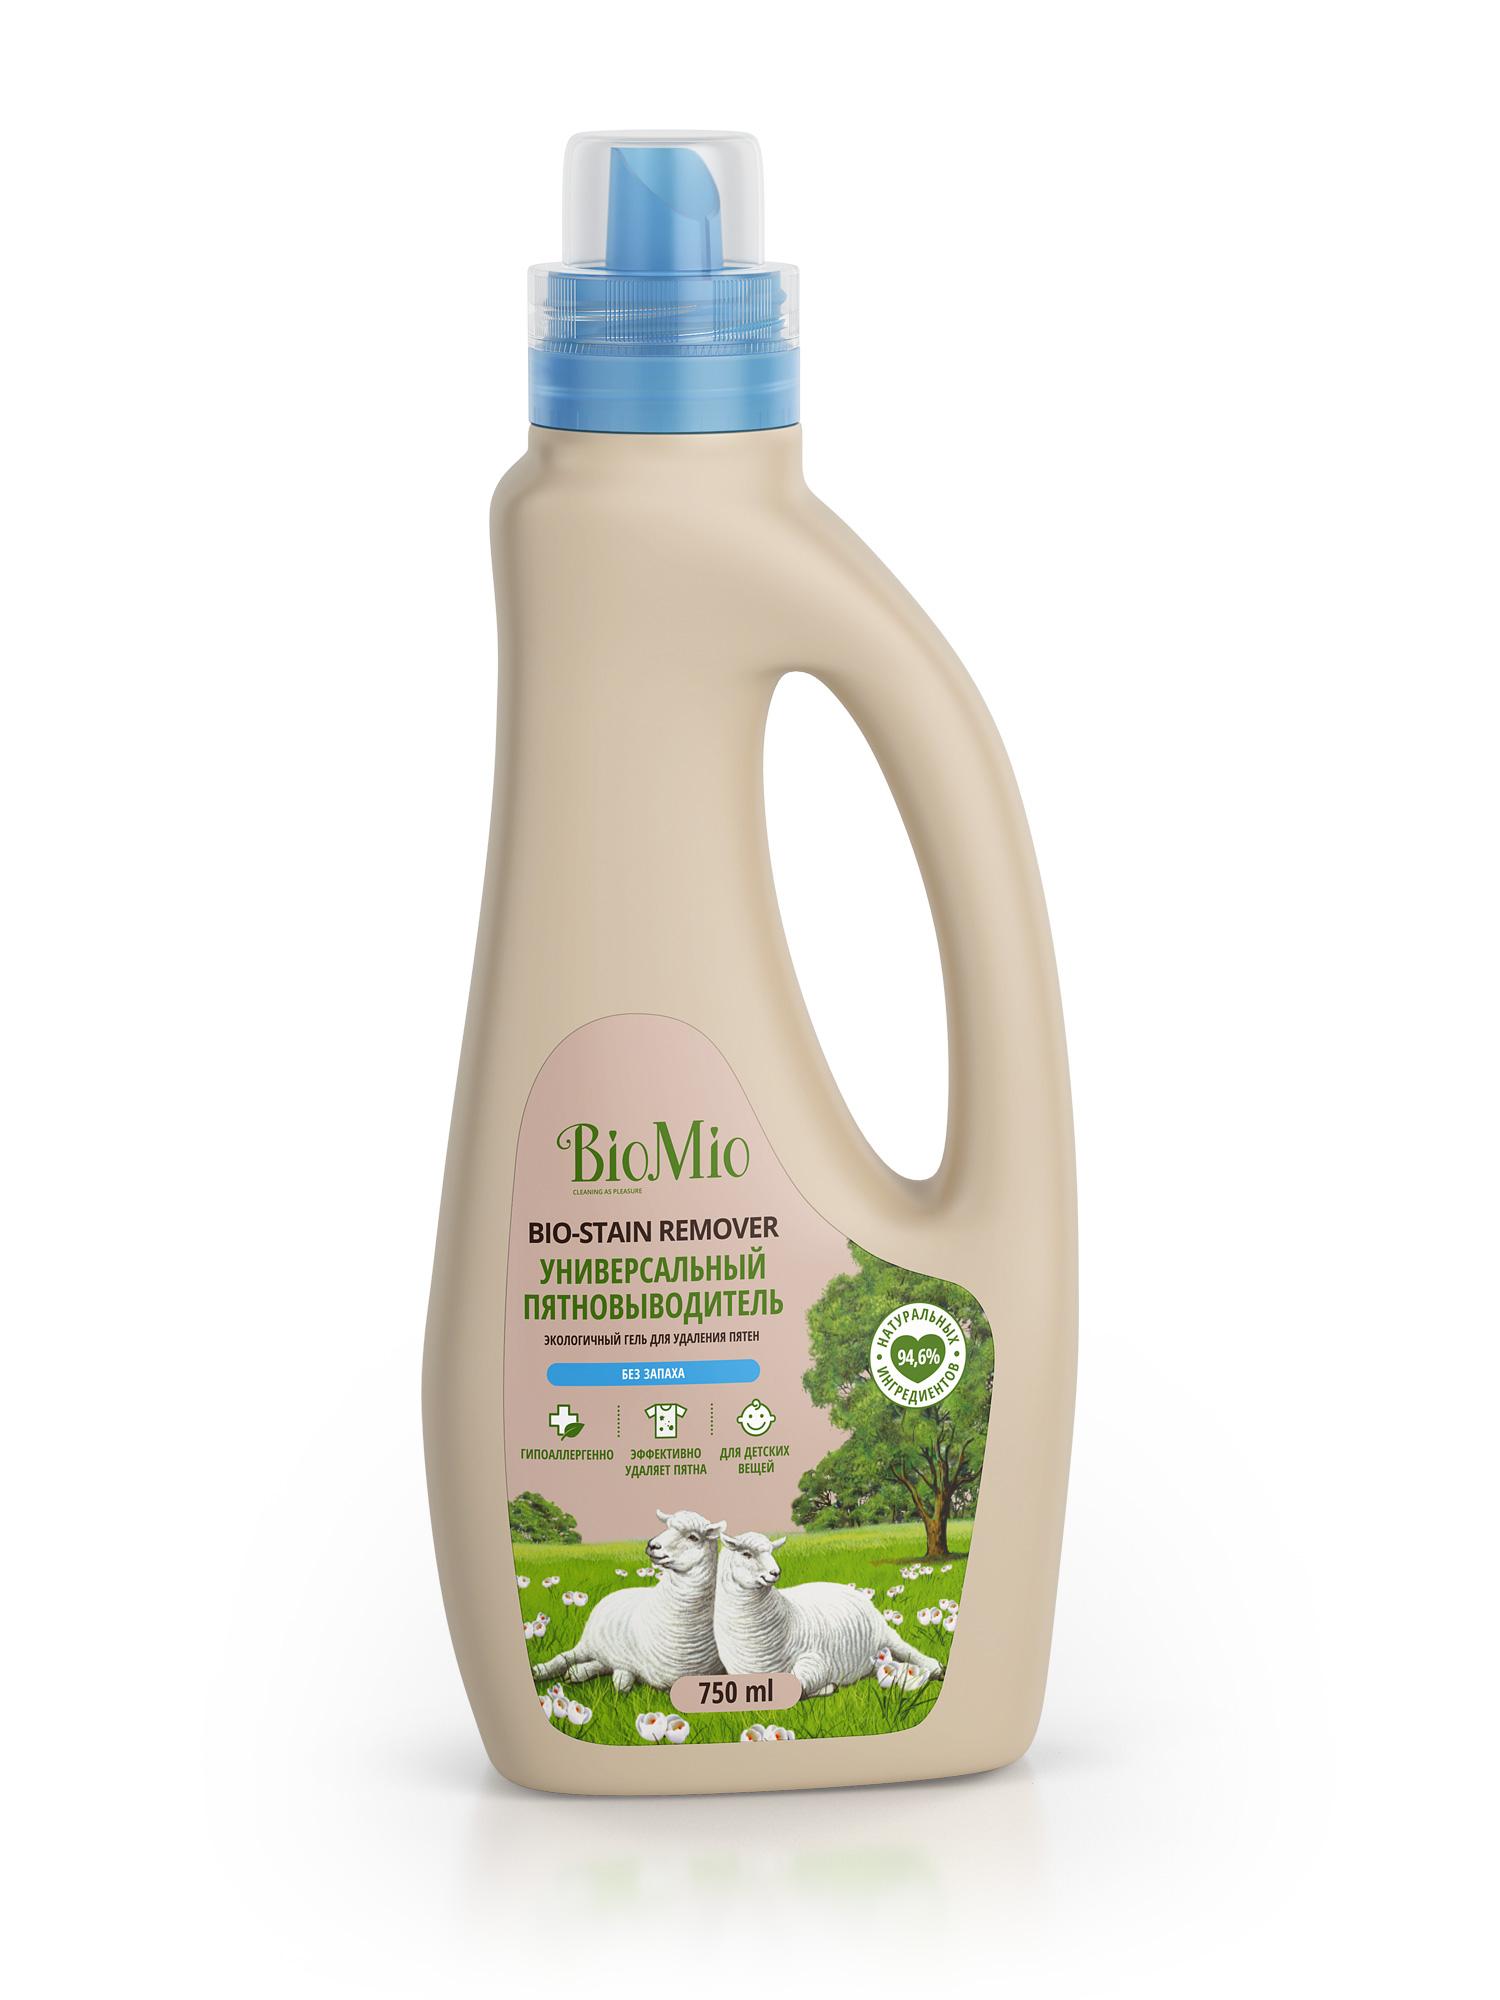 Пятновыводитель BIO MIO Bio-Stain Remover кондиционер для белья экологичный bio mio концентрат bio soft с эфирным маслом корицы 1 5л